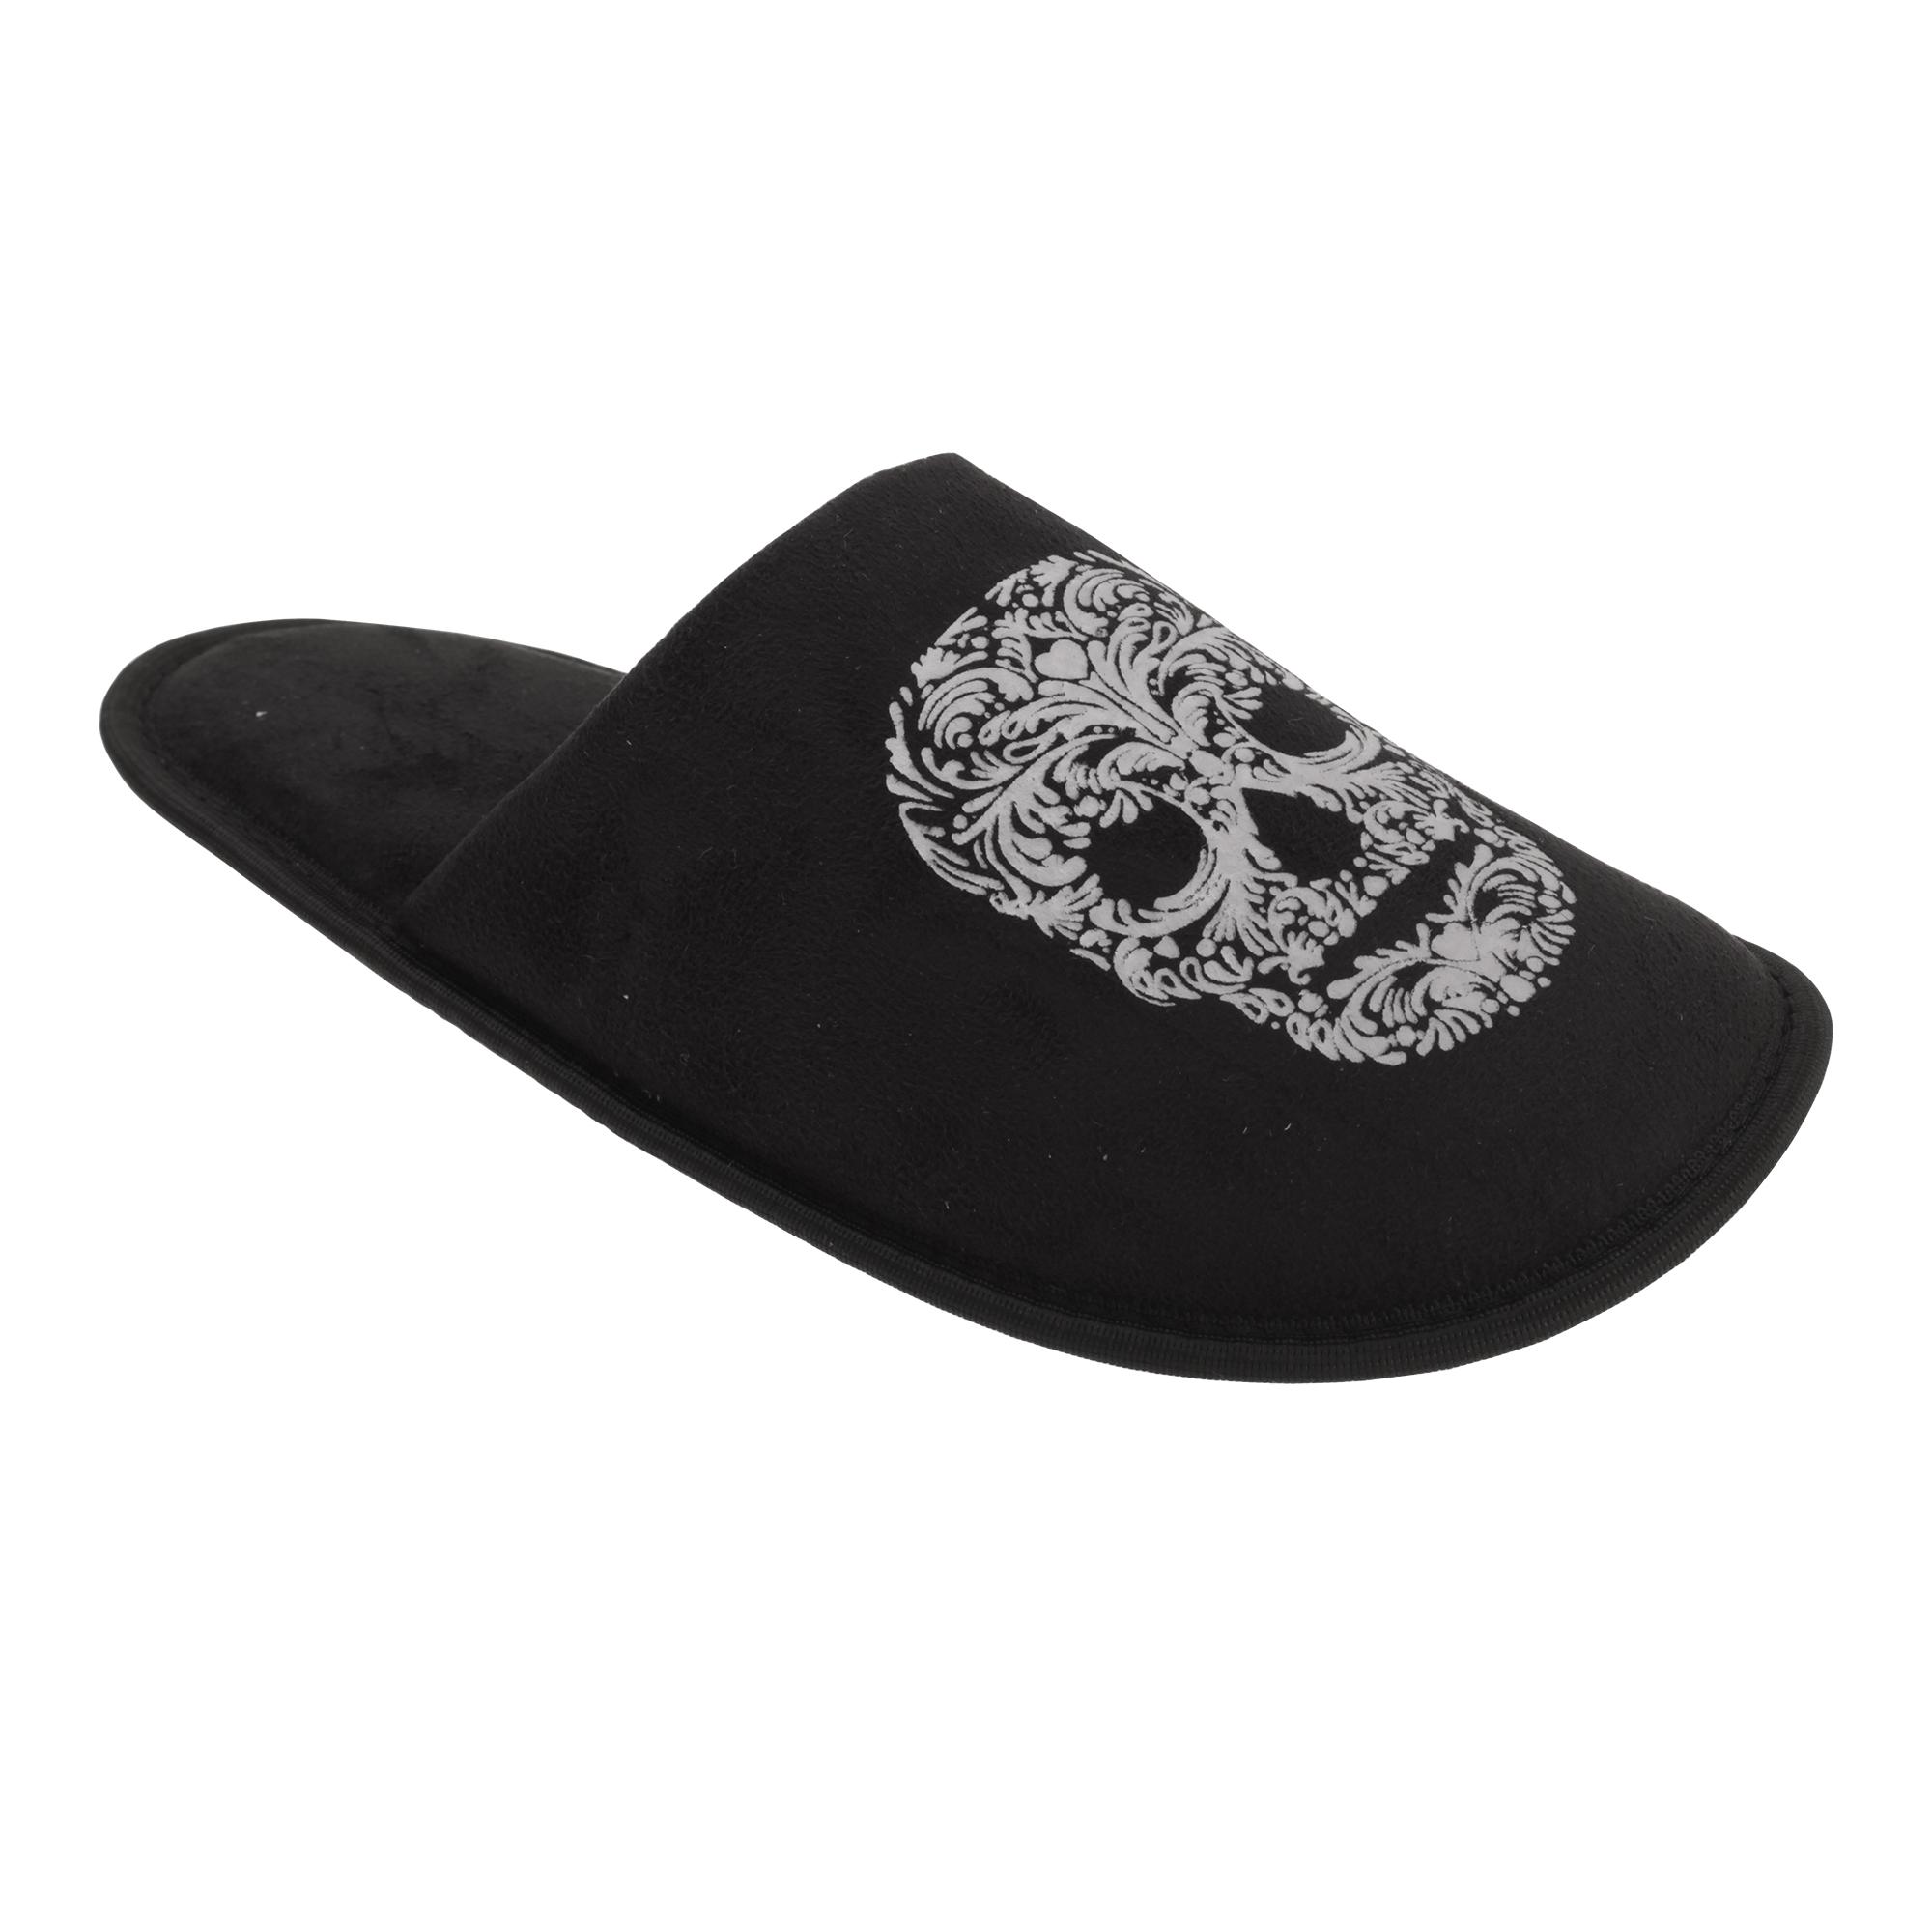 Slumberzz - Zapatillas Zapatillas - con diseño de calavera o esqueleto para hombre (SL523) 157cd5